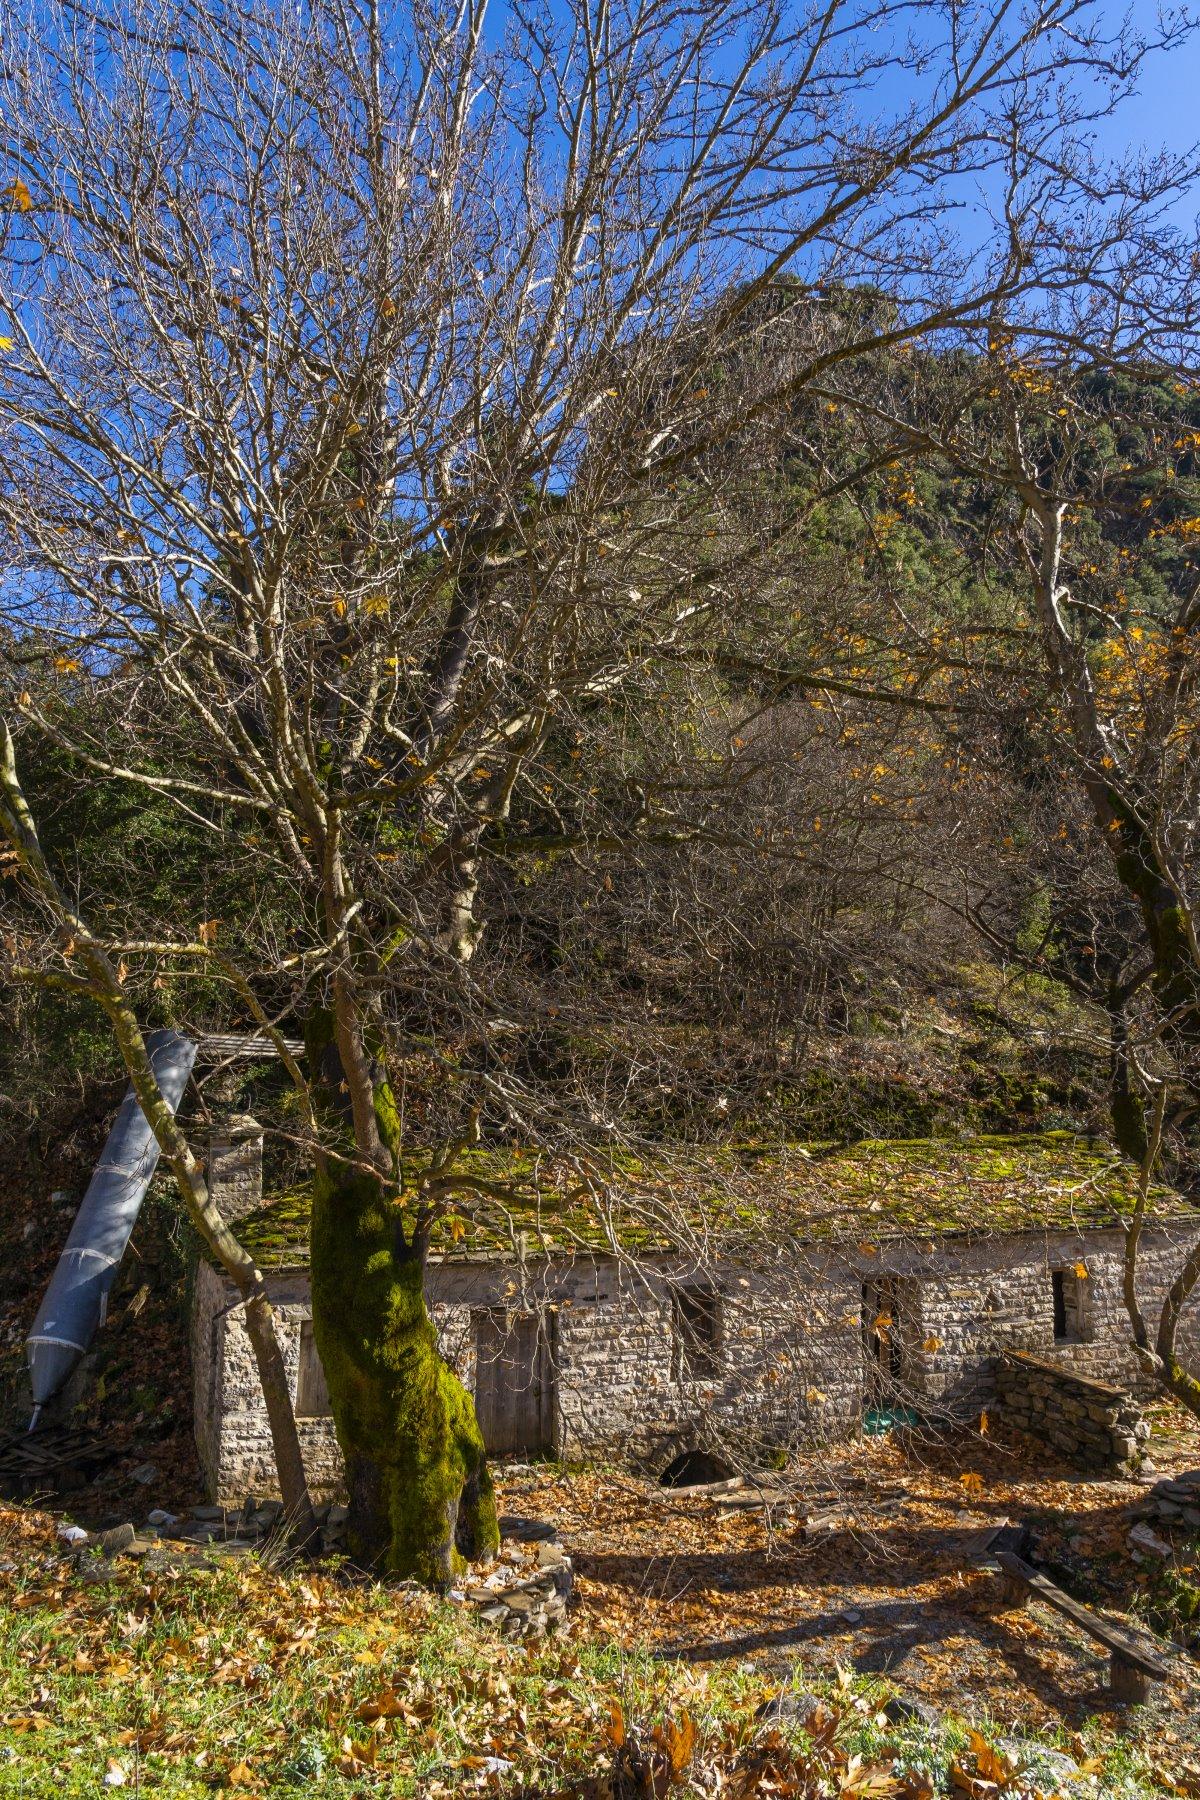 Λεοντίτο χωριό Αργιθέας μέσα στα έλατα νερόμυλος στο χωριό